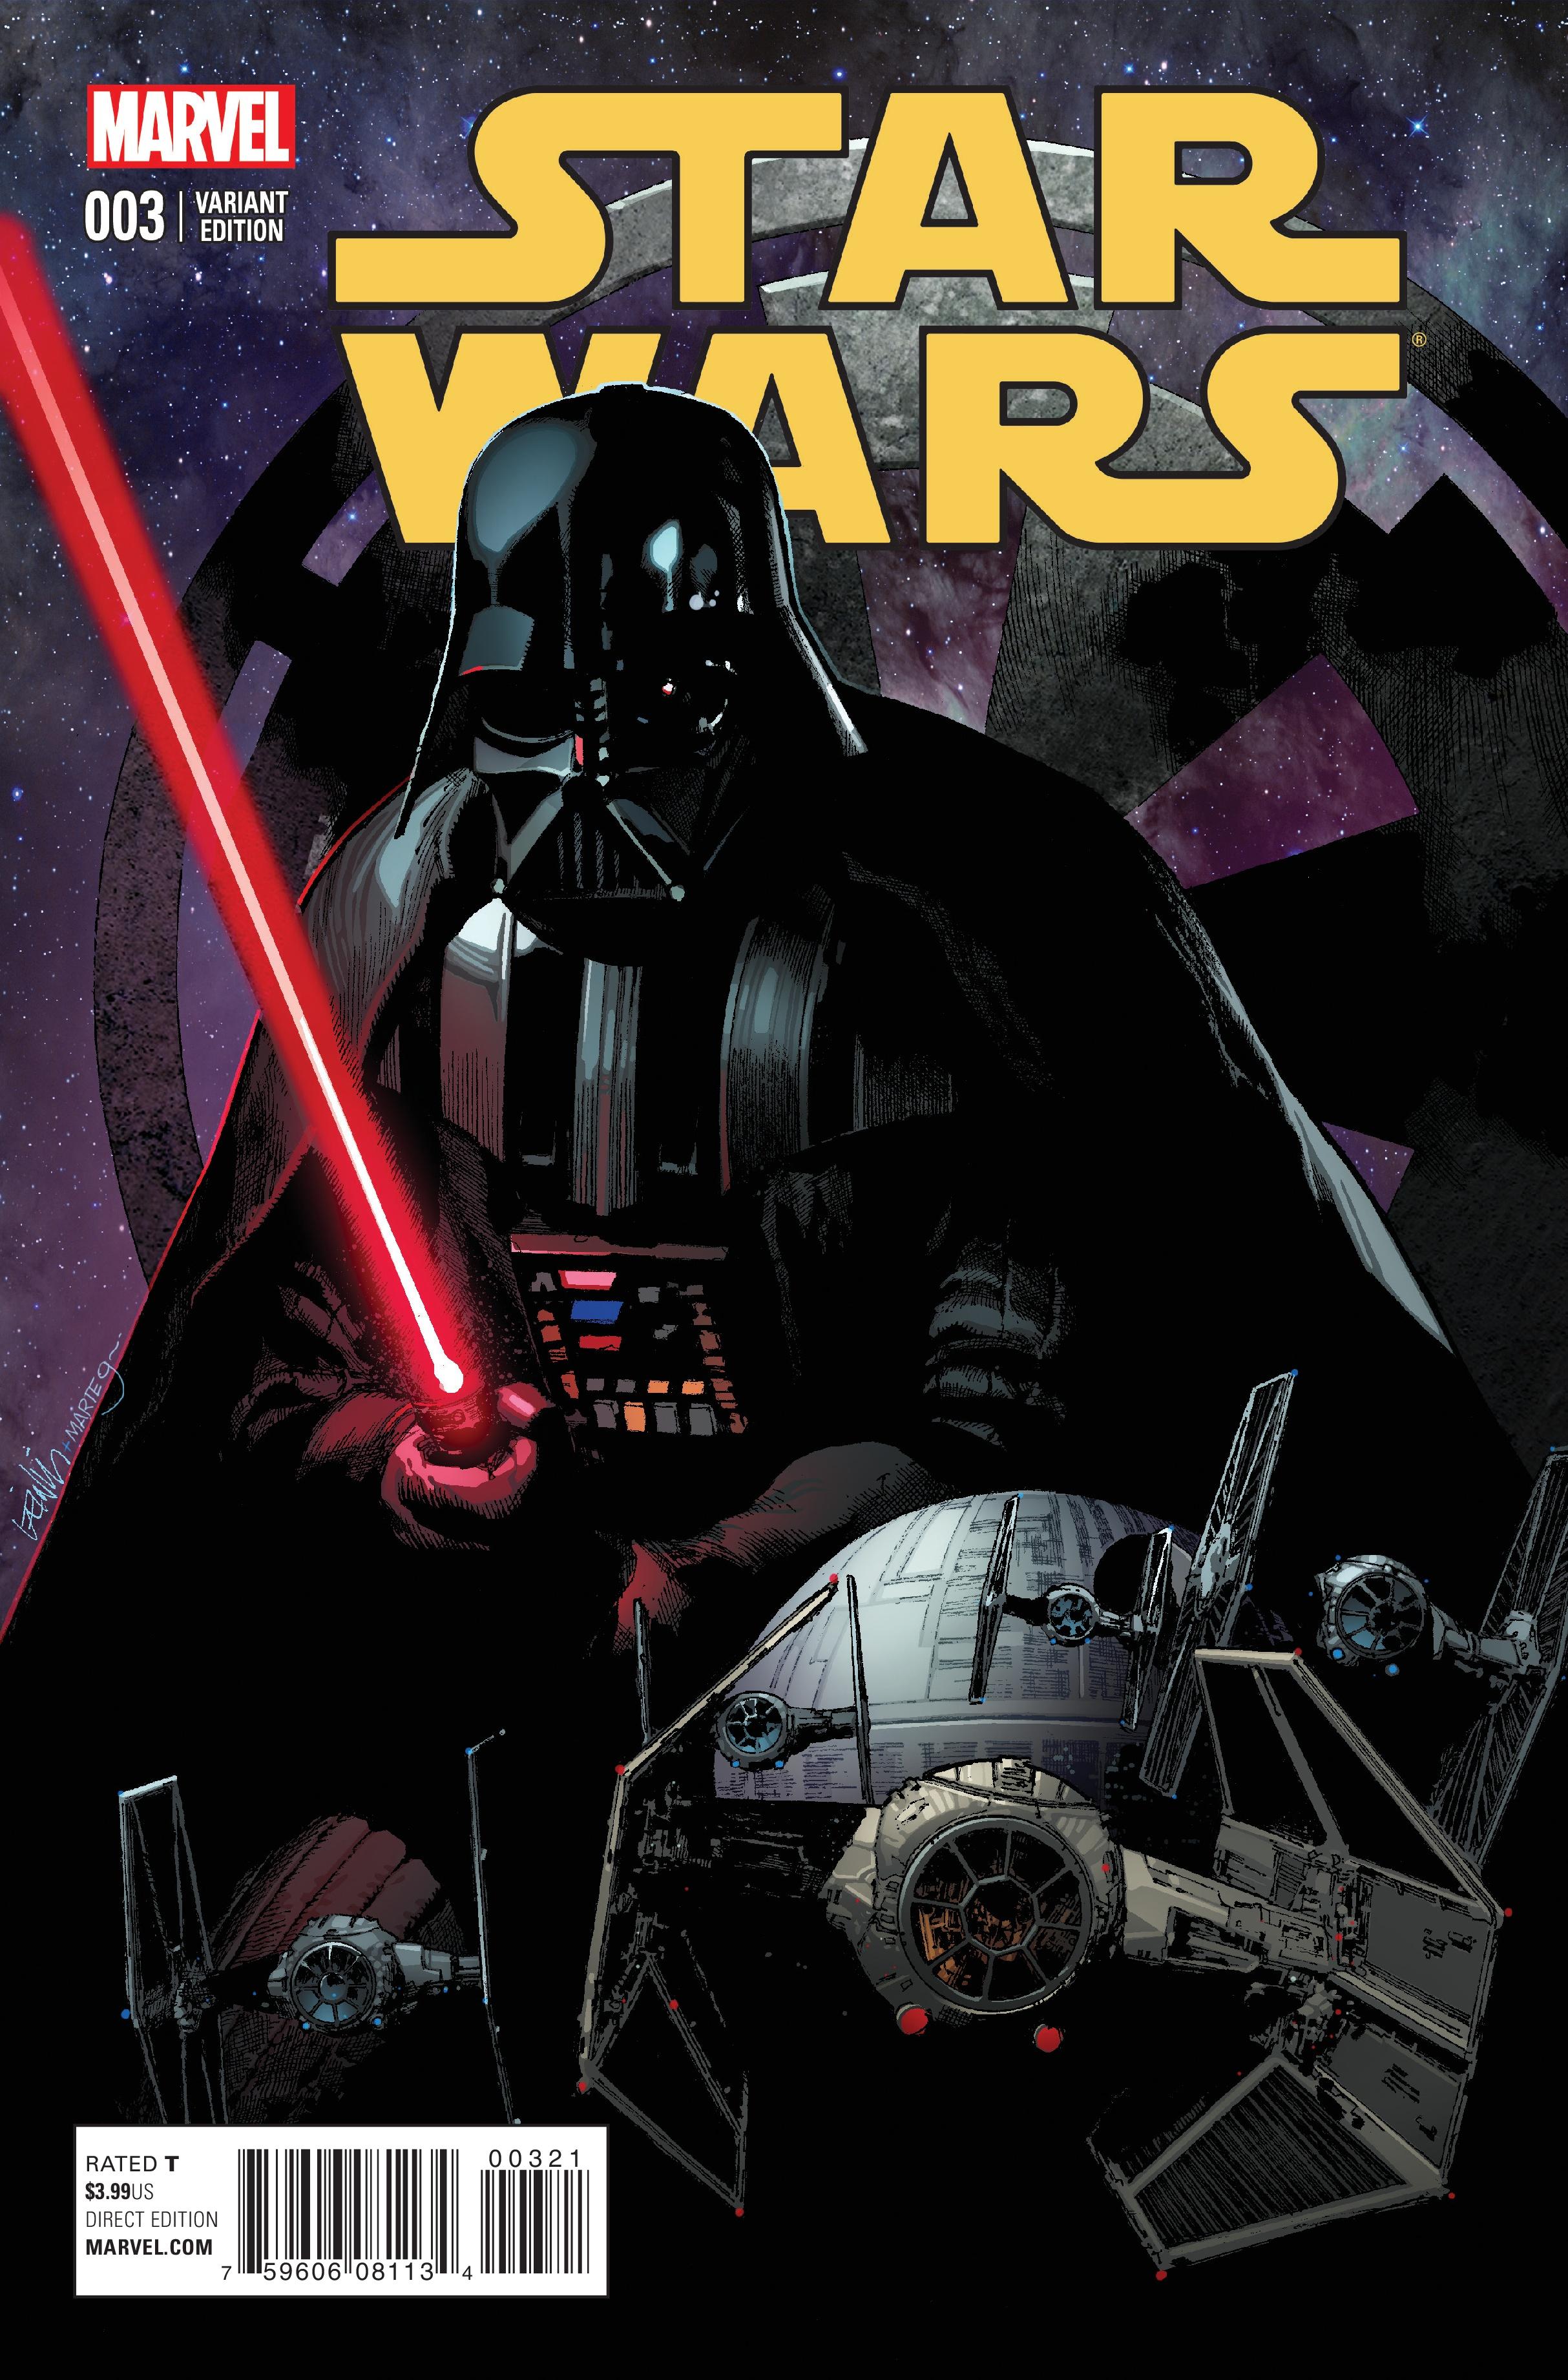 Star Wars #3 variant